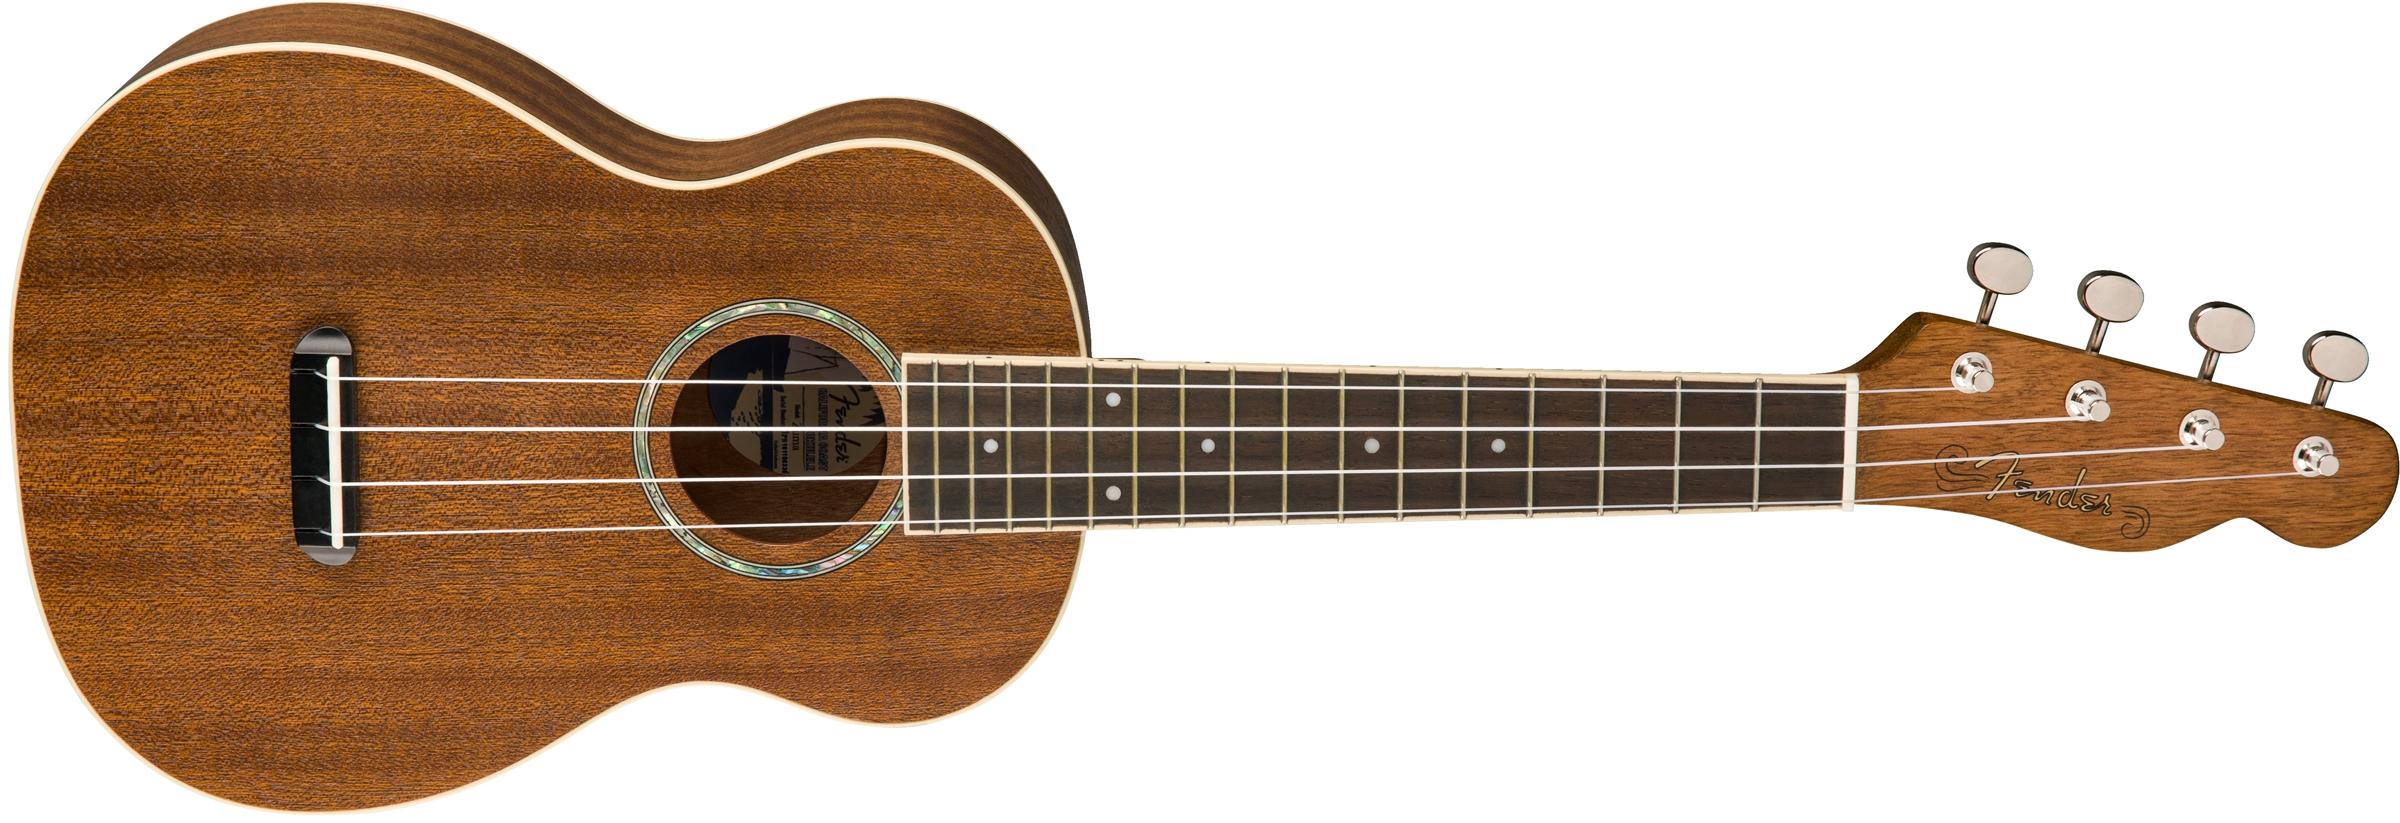 zuma concert ukulele ukuleles